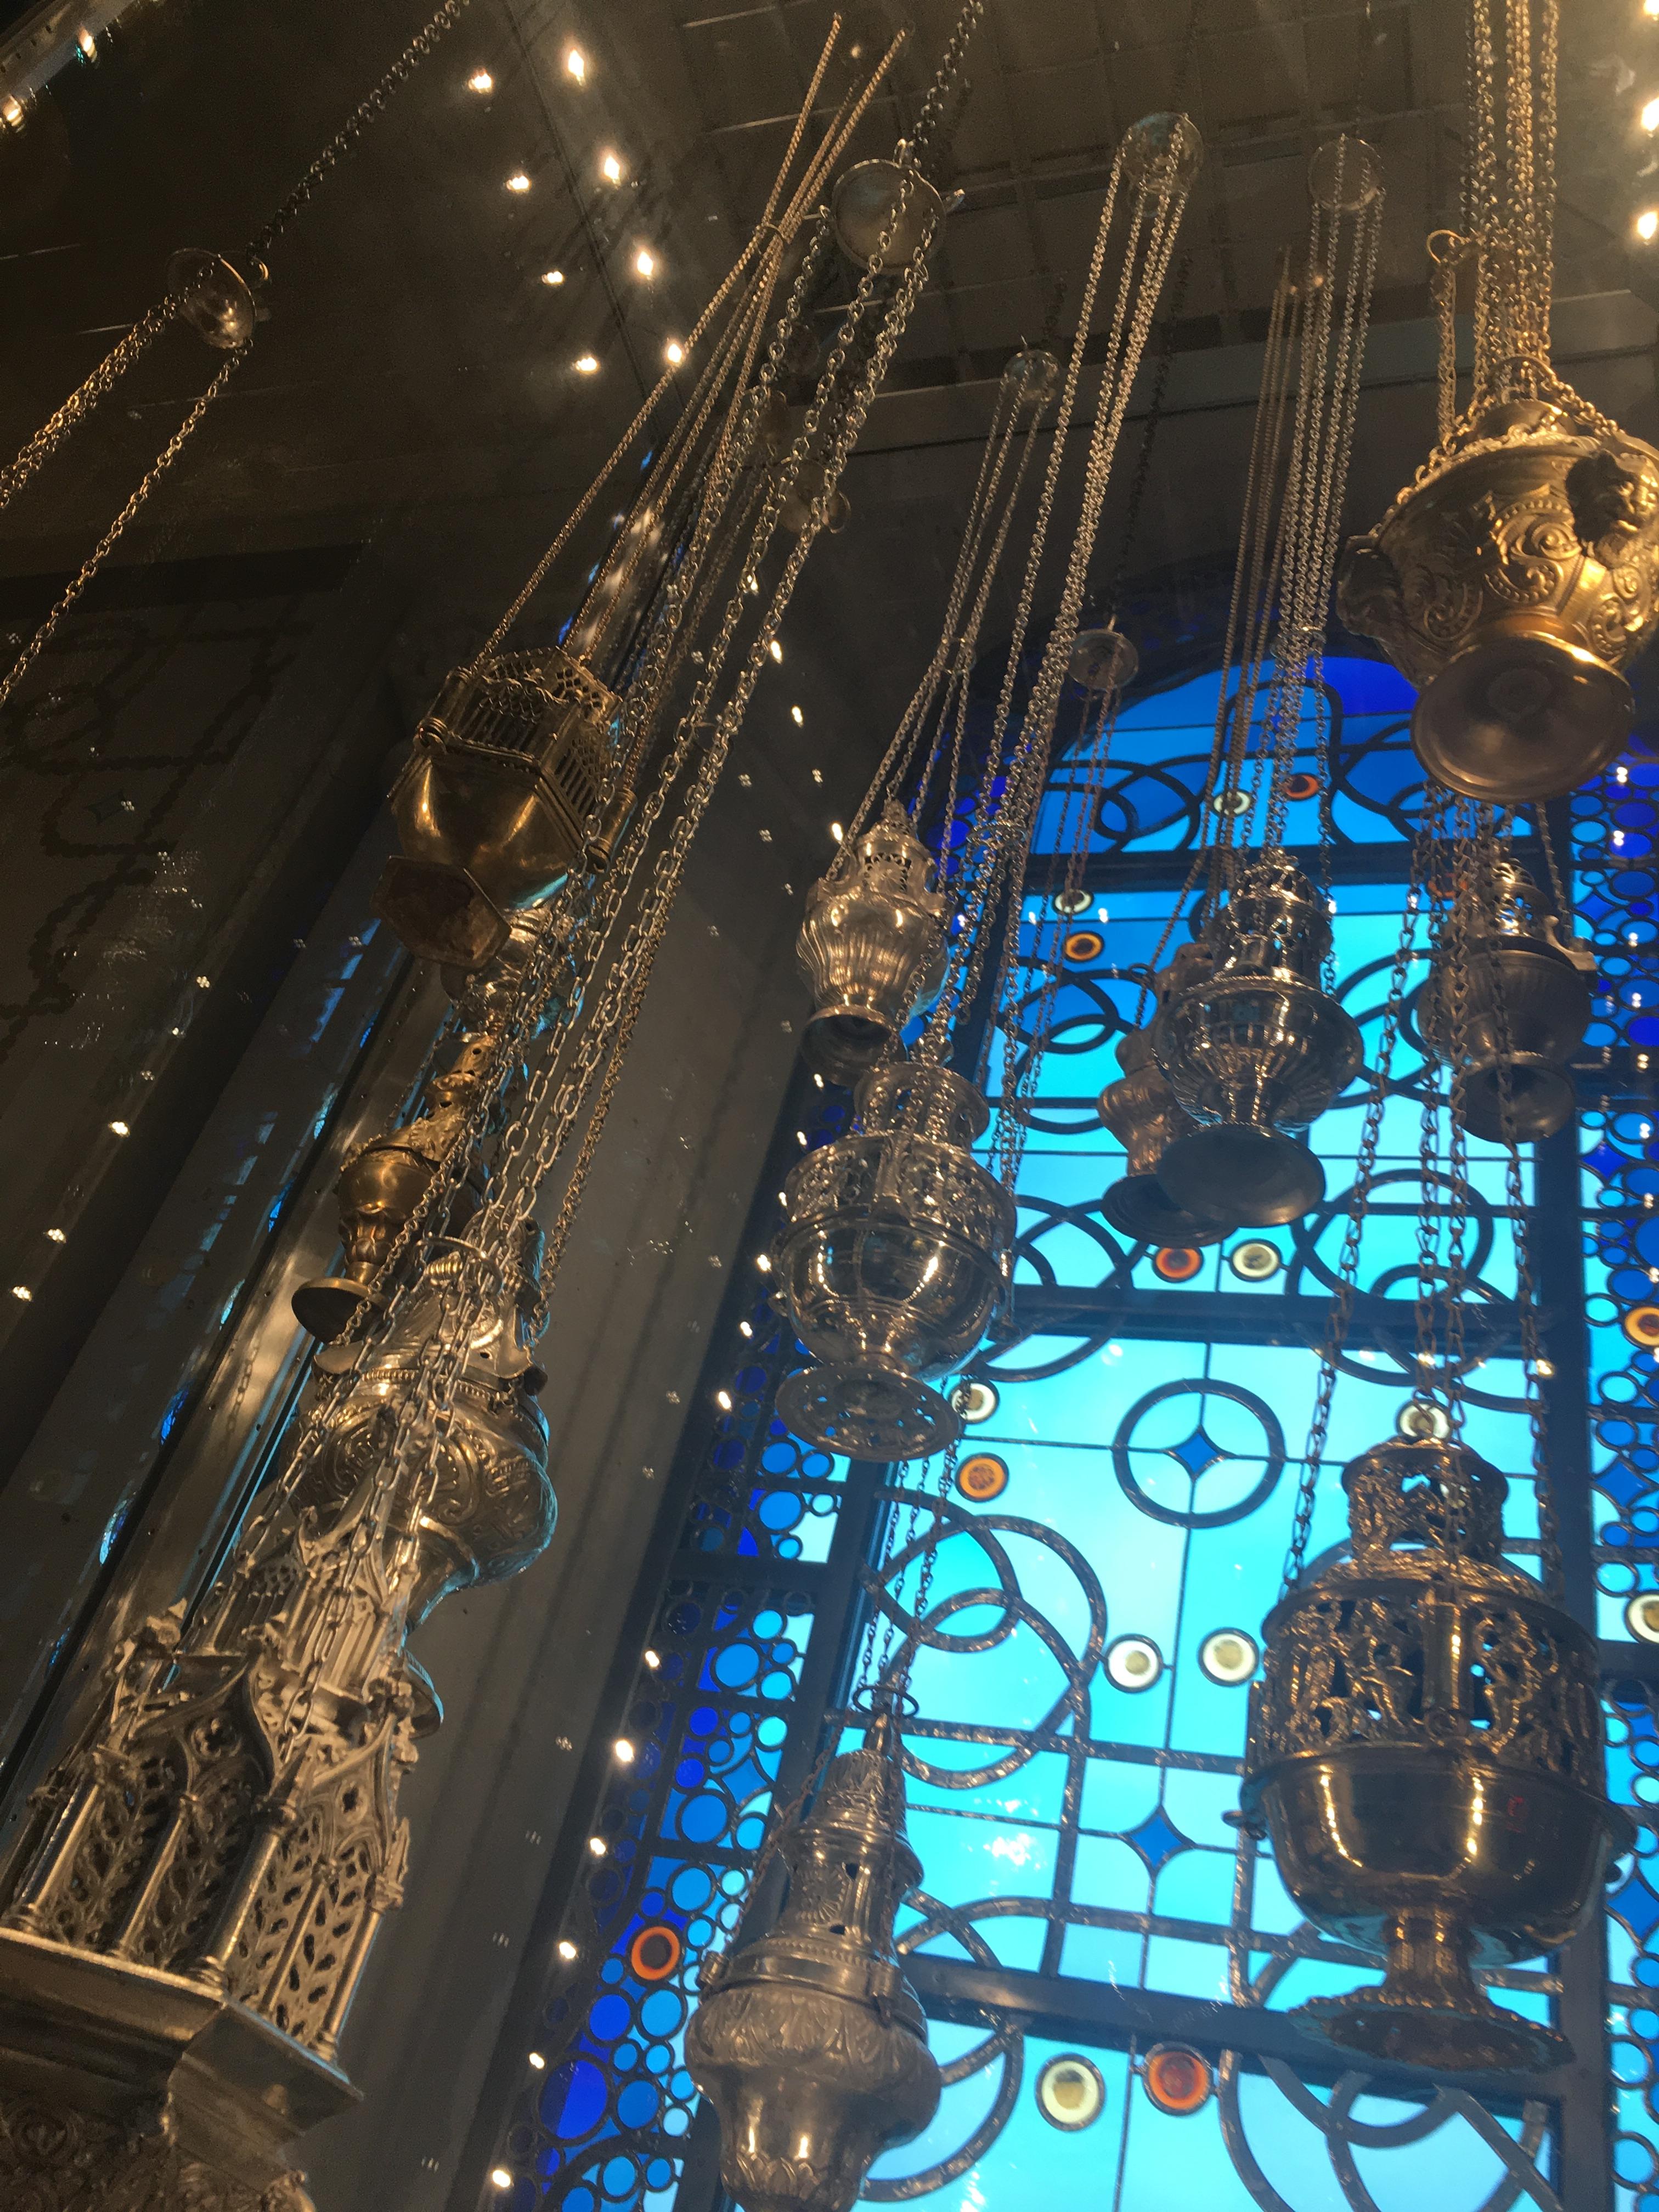 tresor de la cathedrale st pierre angouleme en croisiere inter croisieres sireuil nicols 8737 charentestourisme.jpg